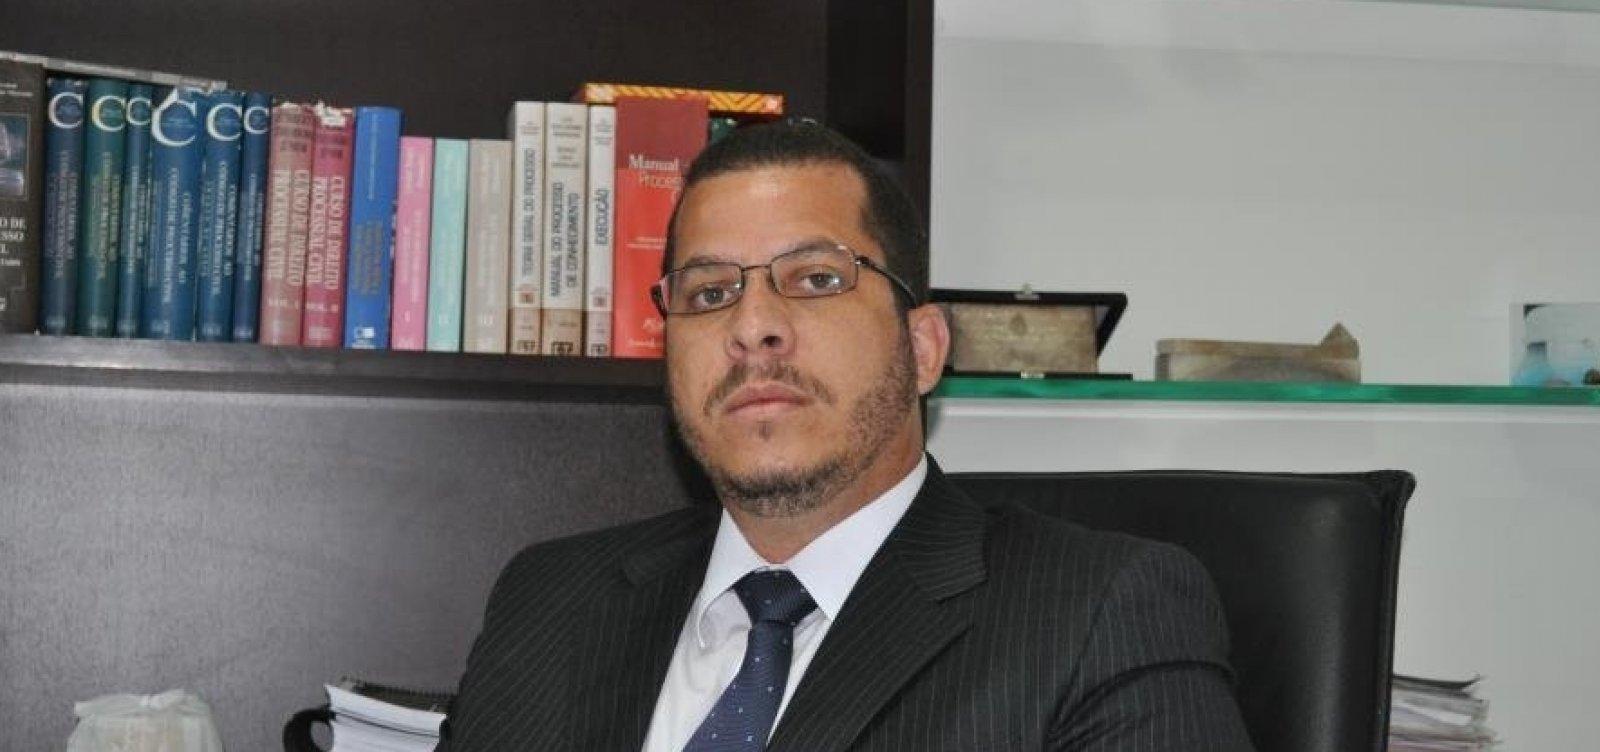 'O que menos importa' é se vou integrar chapa de Gamil, diz Maurício Góes e Góes